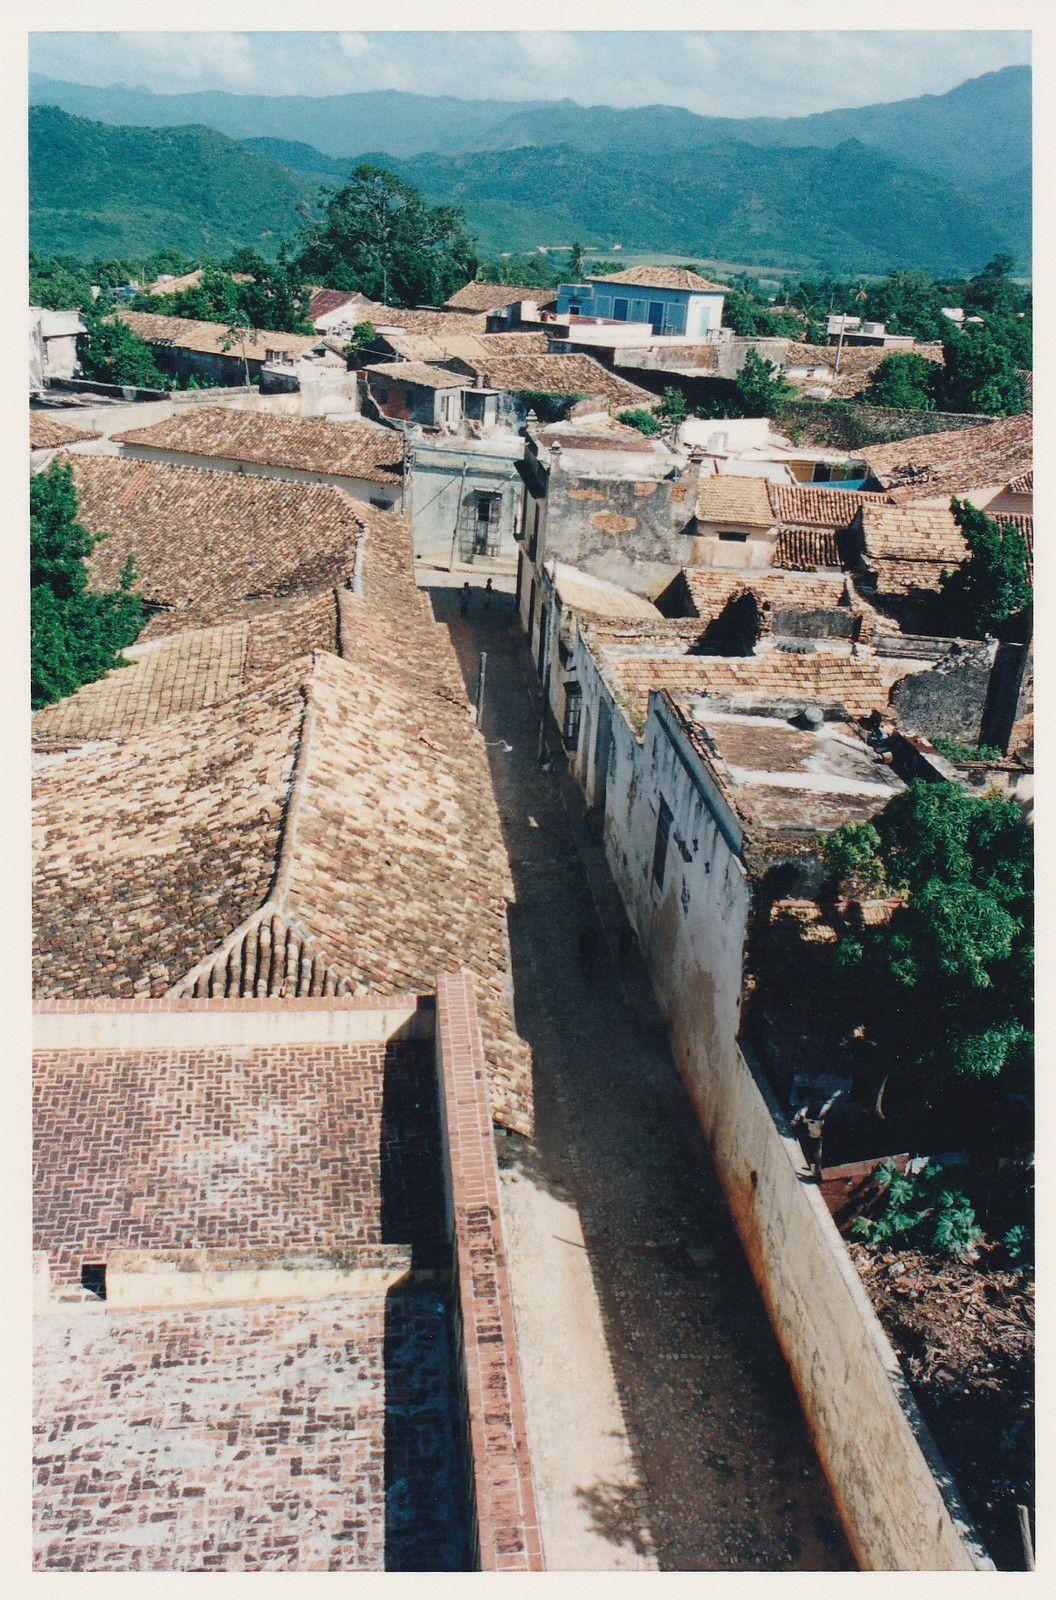 Pinar Del Rio, Vinales, Trinidad.